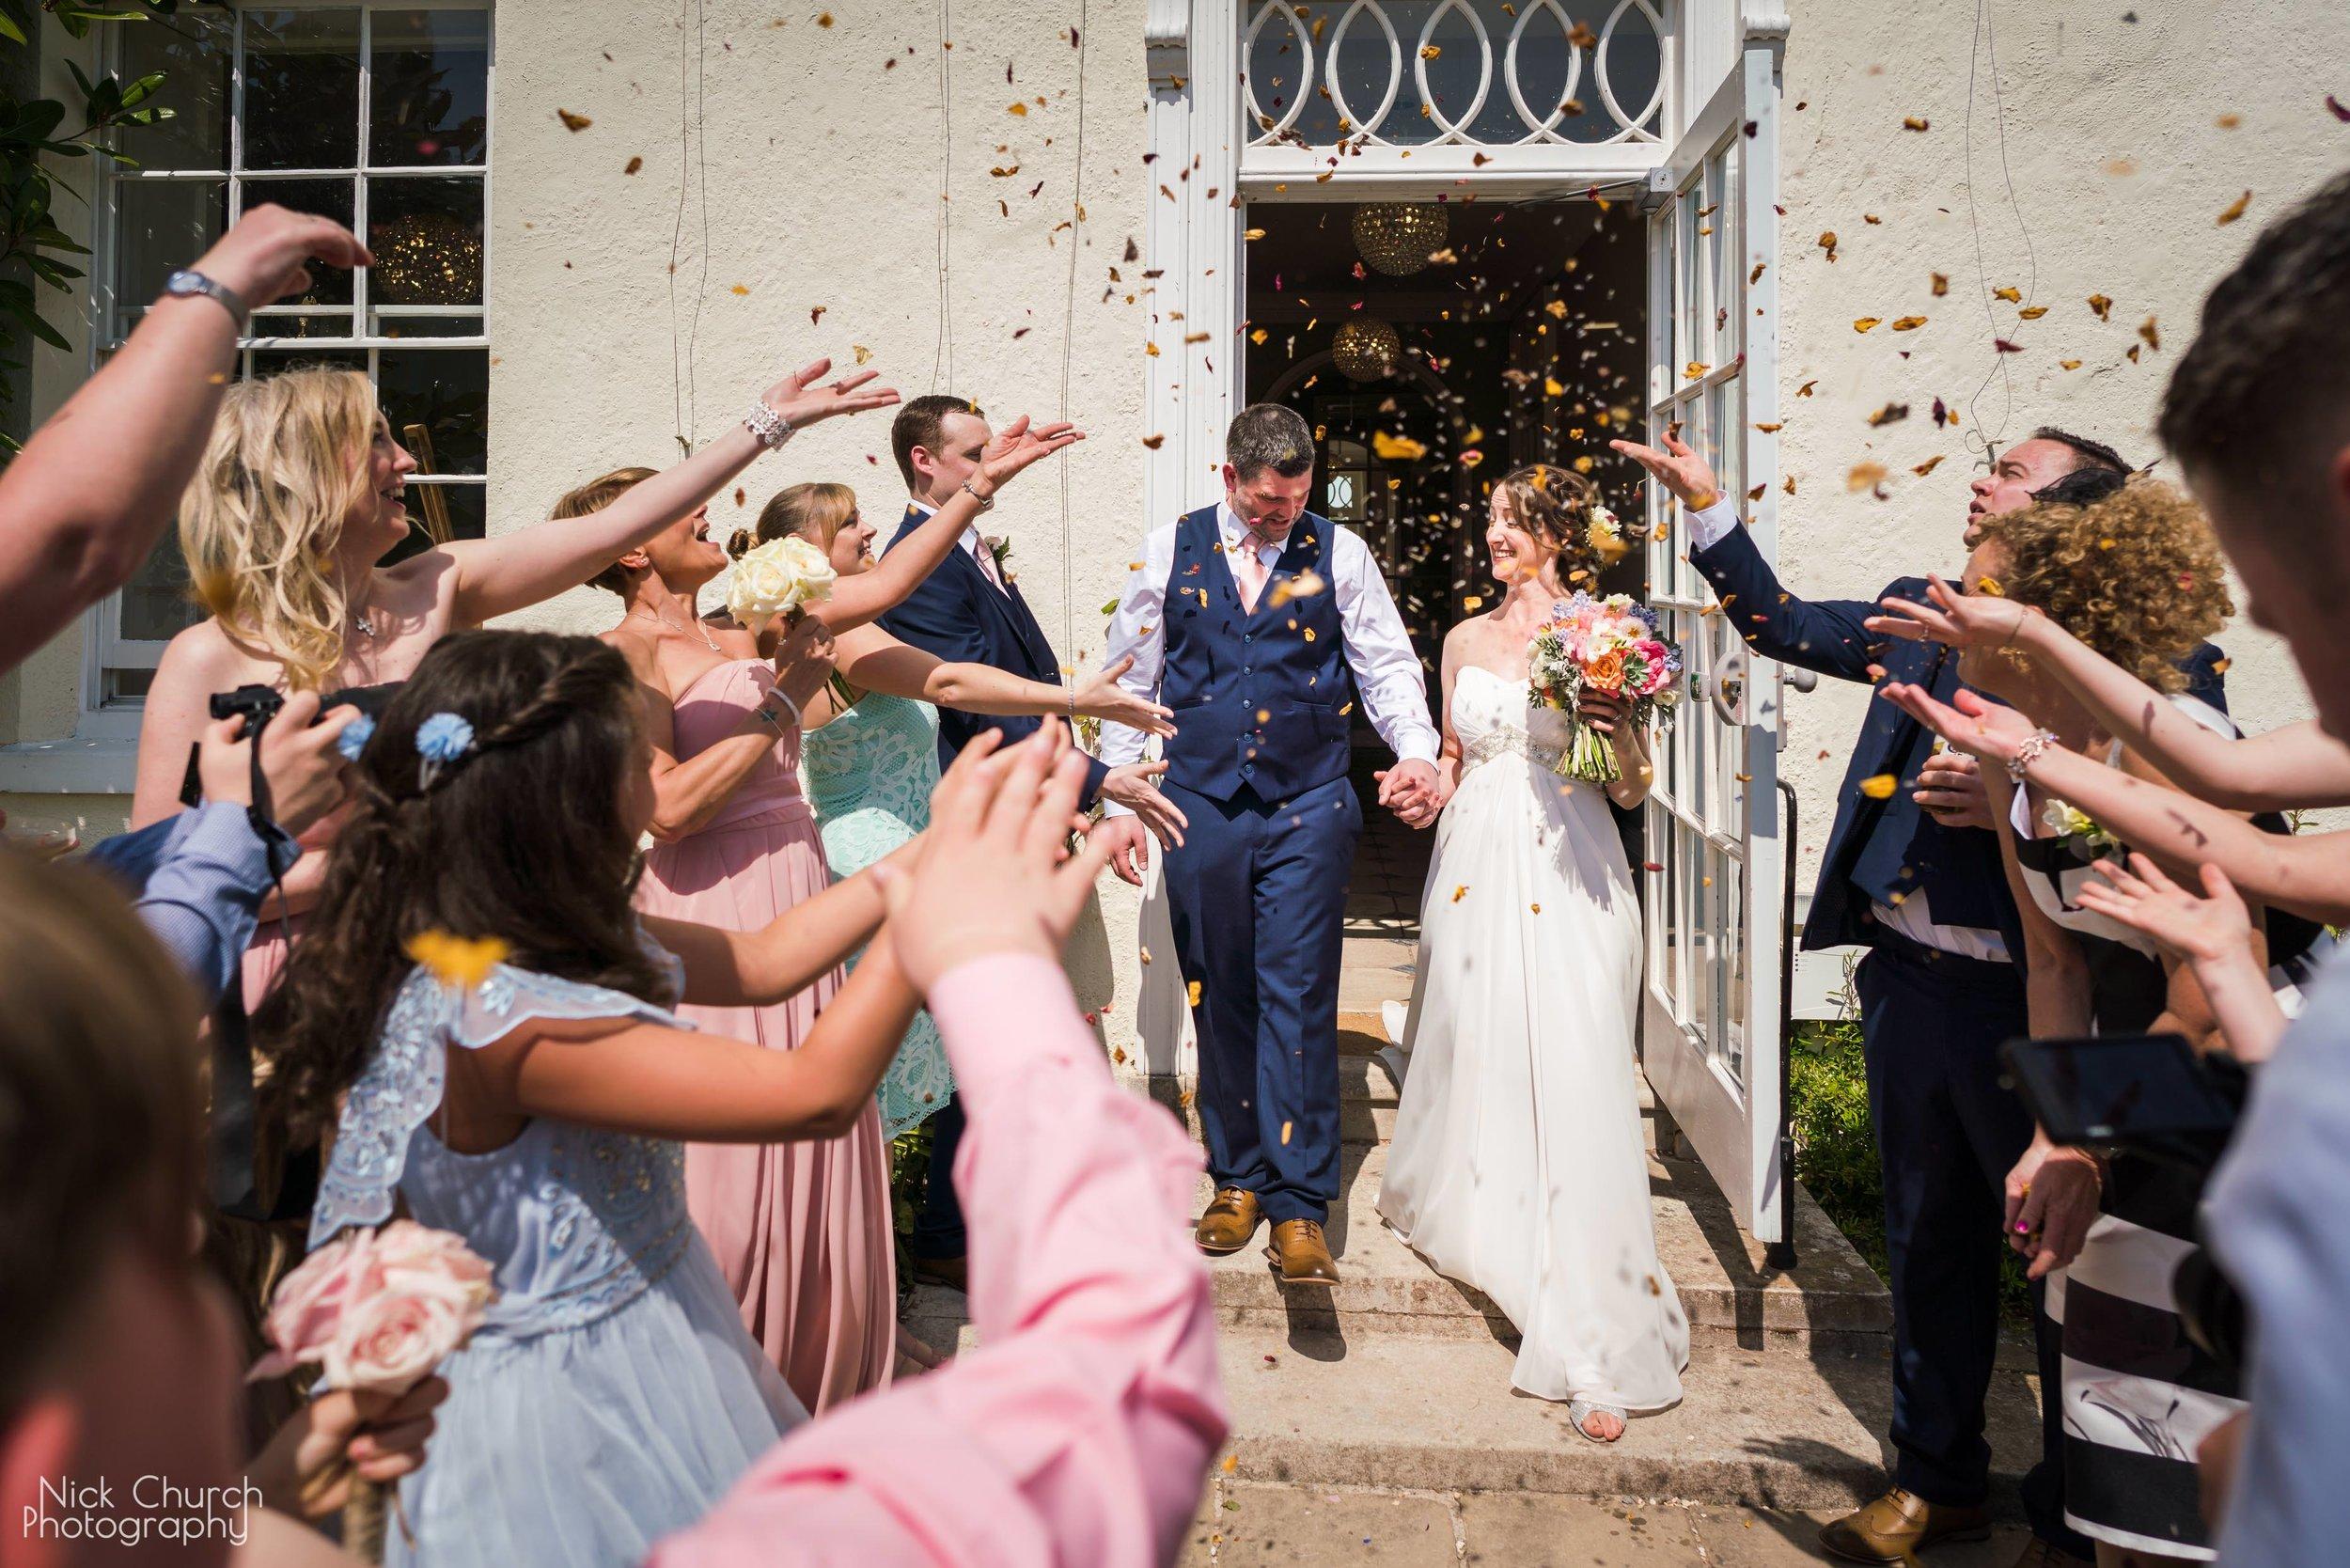 NC-2018-05-07-joanna-and-steve-wedding-3386.jpg